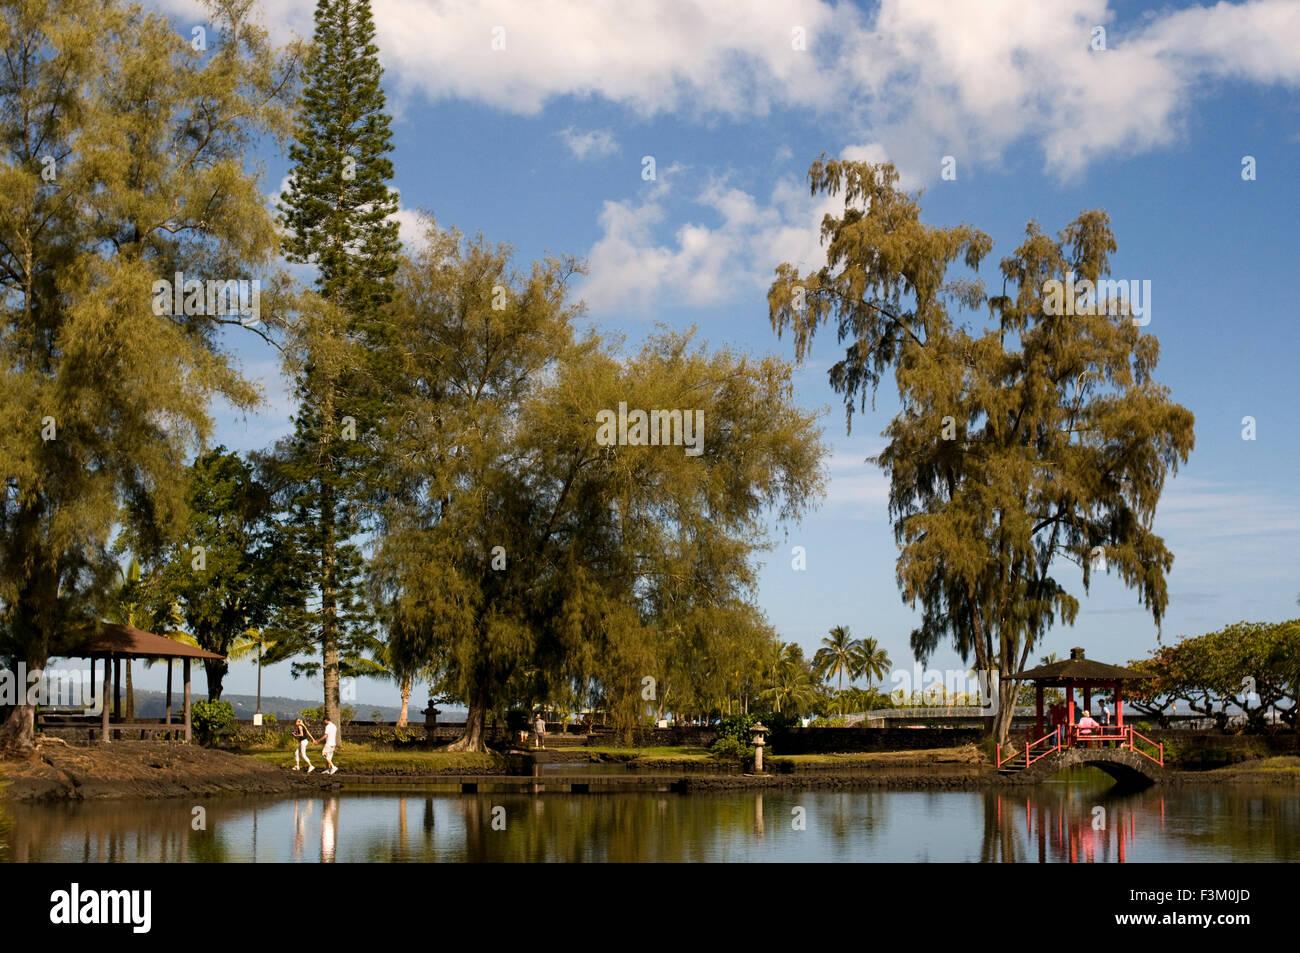 Liliuokalani Gardens Stock Photos & Liliuokalani Gardens Stock ...